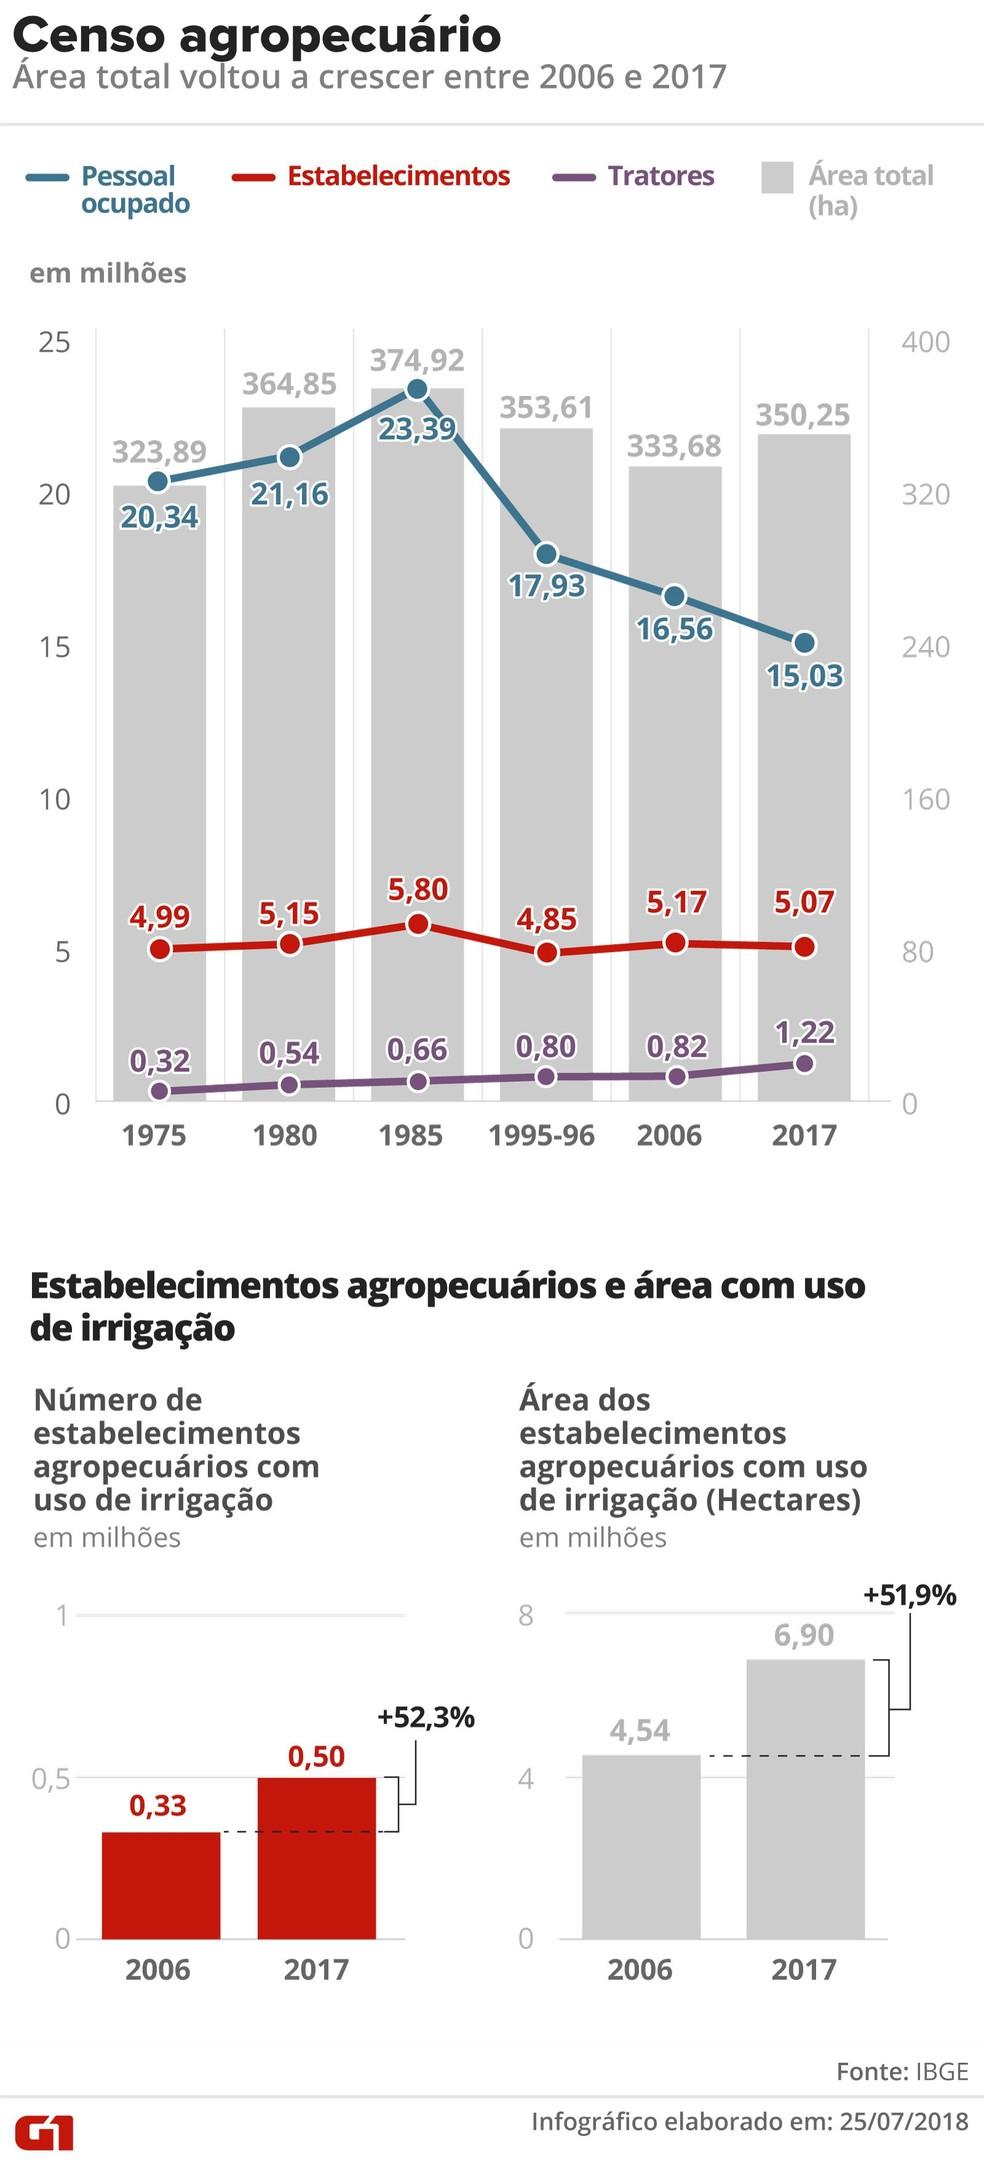 Censo agropecuário (Foto: Editoria de Arte/G1)